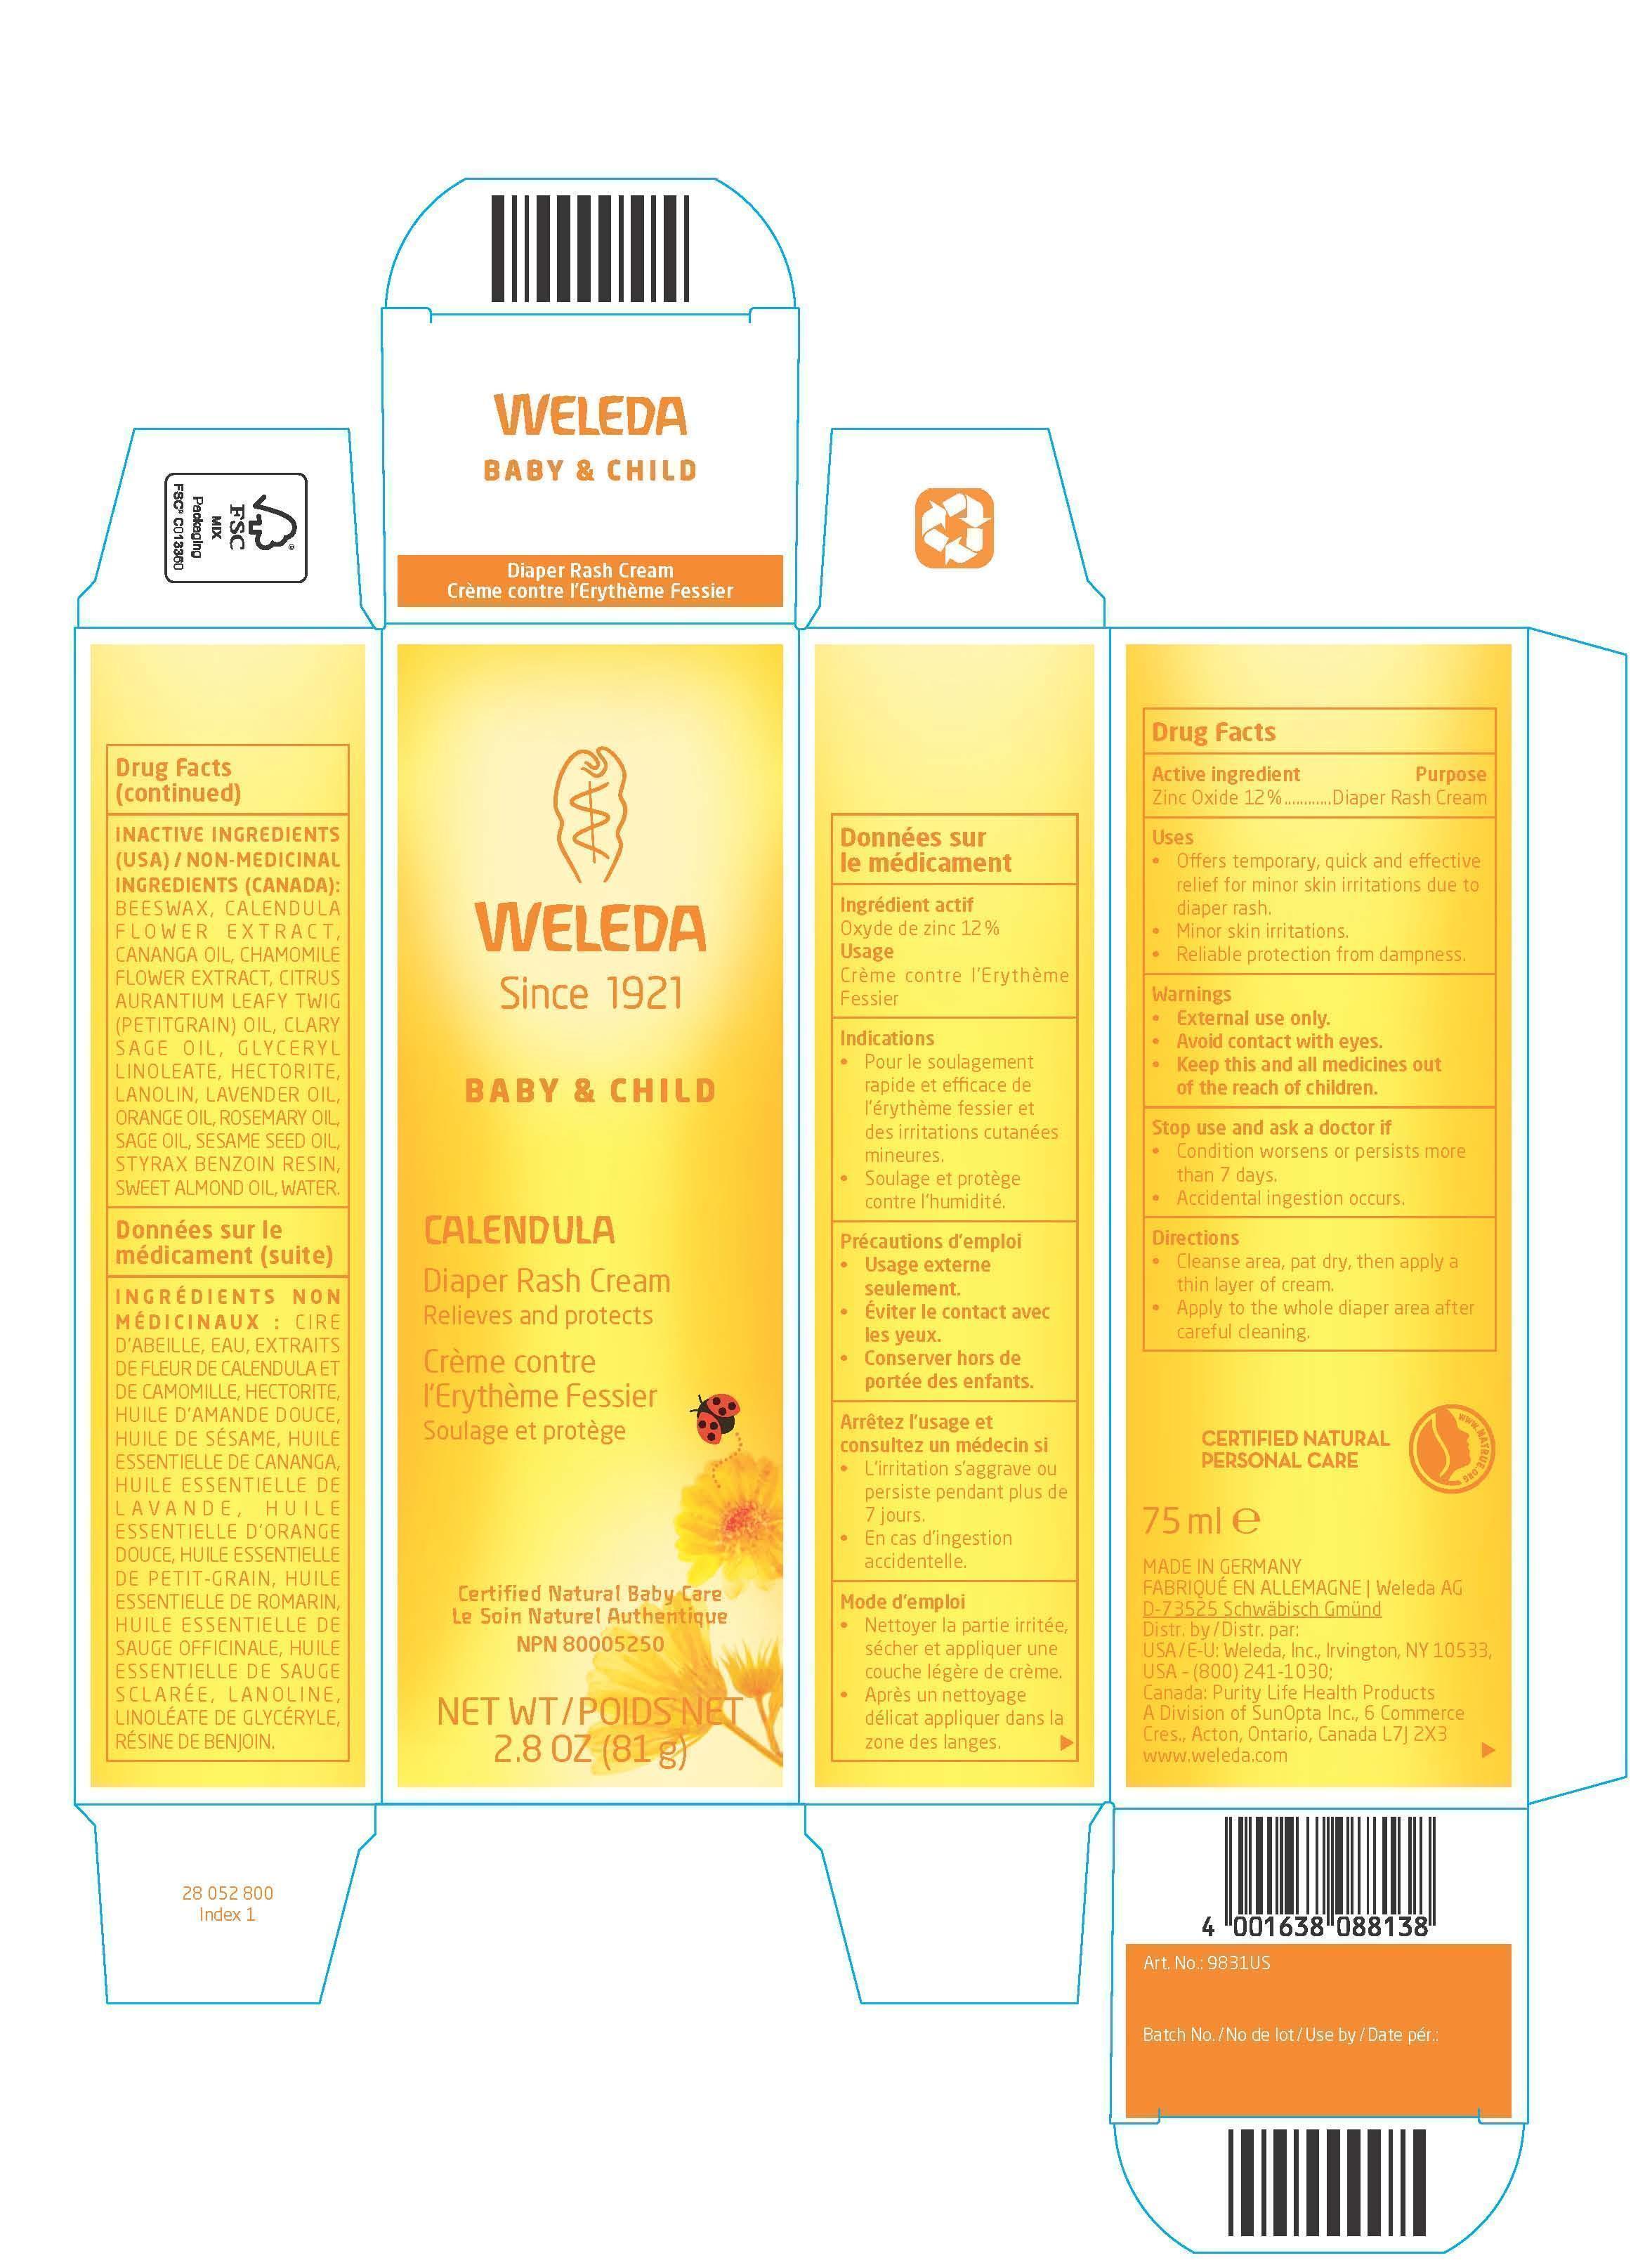 Calendula Diaper Rash Cream (Zinc Oxide) Cream [Weleda A.g. Schwäbisch Gmünd, Zweigniederlassung Der Weled]